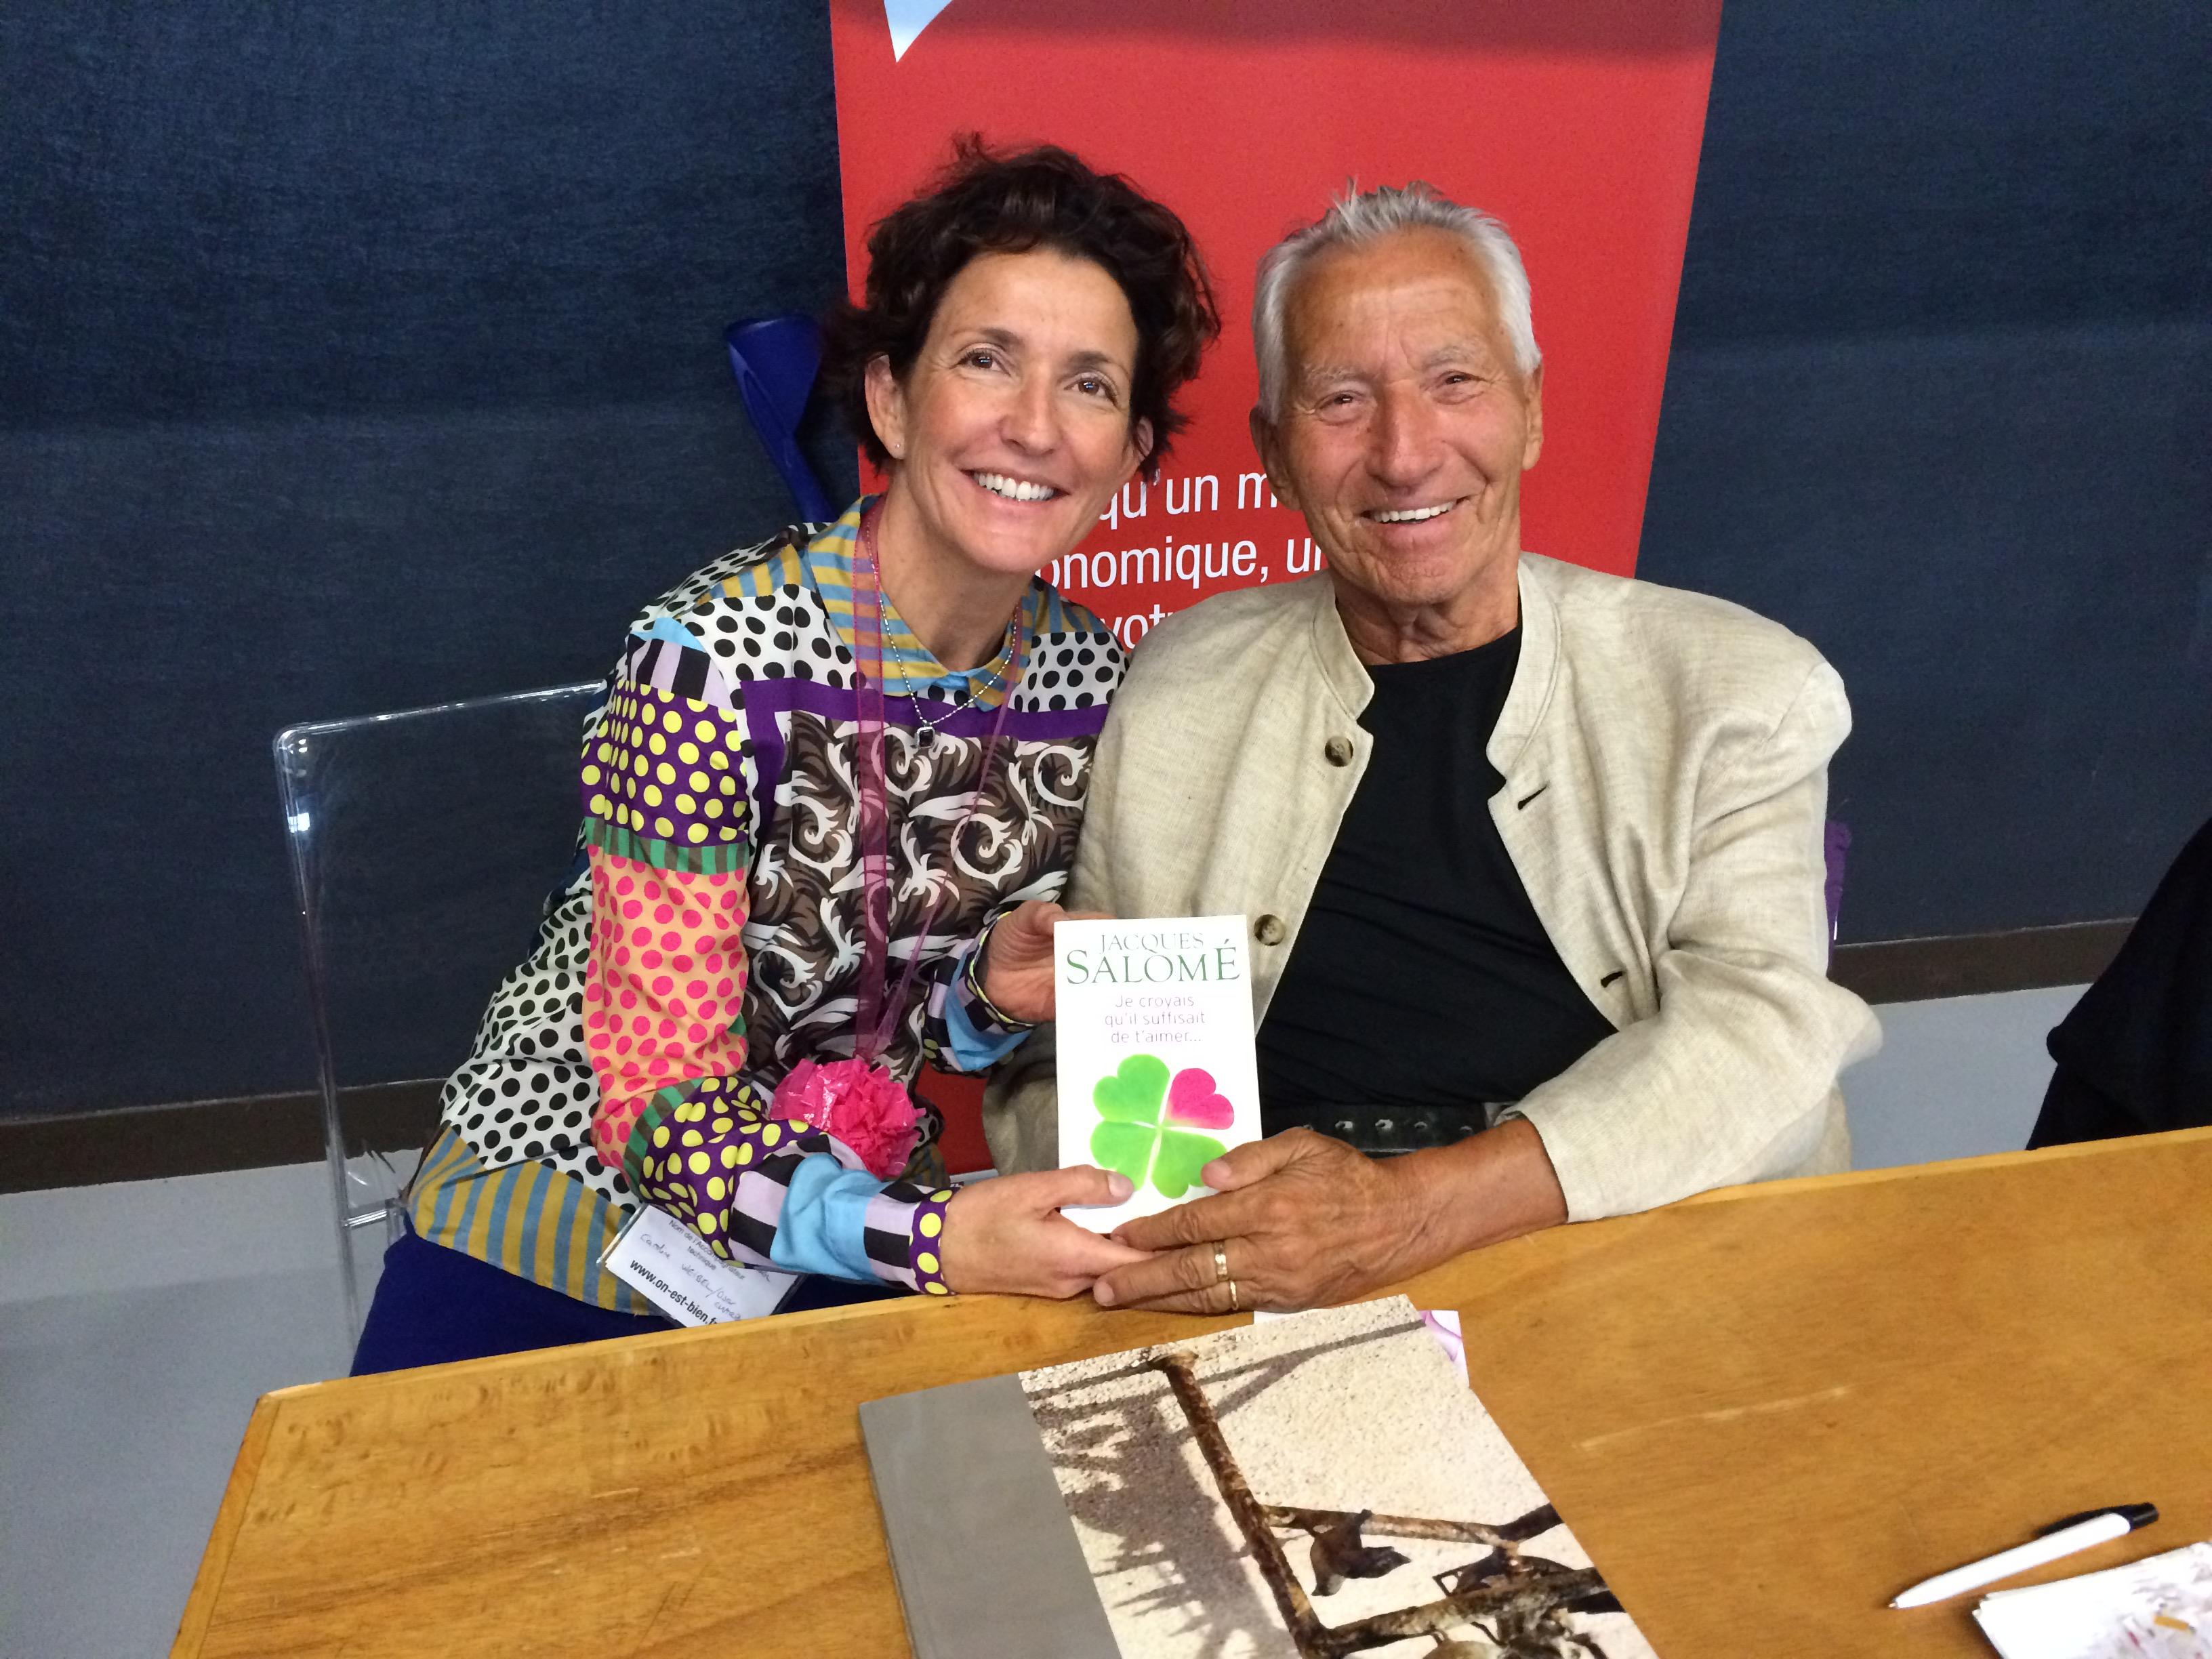 Véranne en compagnie de Jacques Salomé, qui présentait son livre.